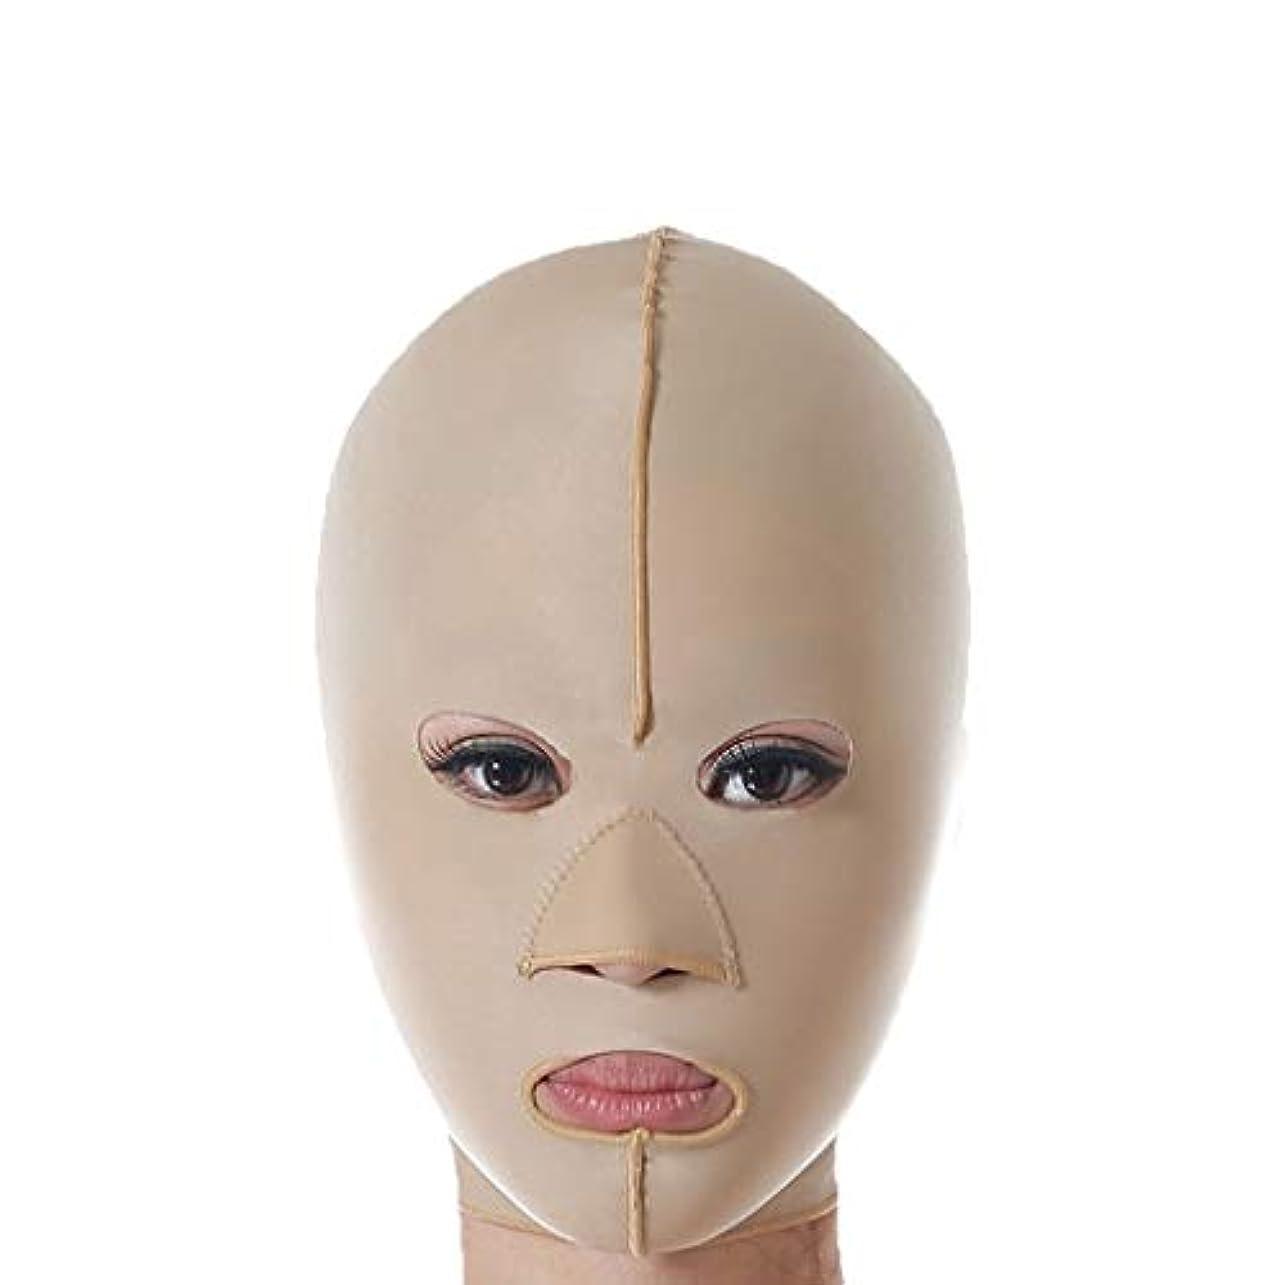 胴体支配する失業者LYZY 減量フェイスマスク、リフティング包帯、スリムフェイスリフトリフティングベルト、フェイシャル減量リフティング包帯 (Size : M)